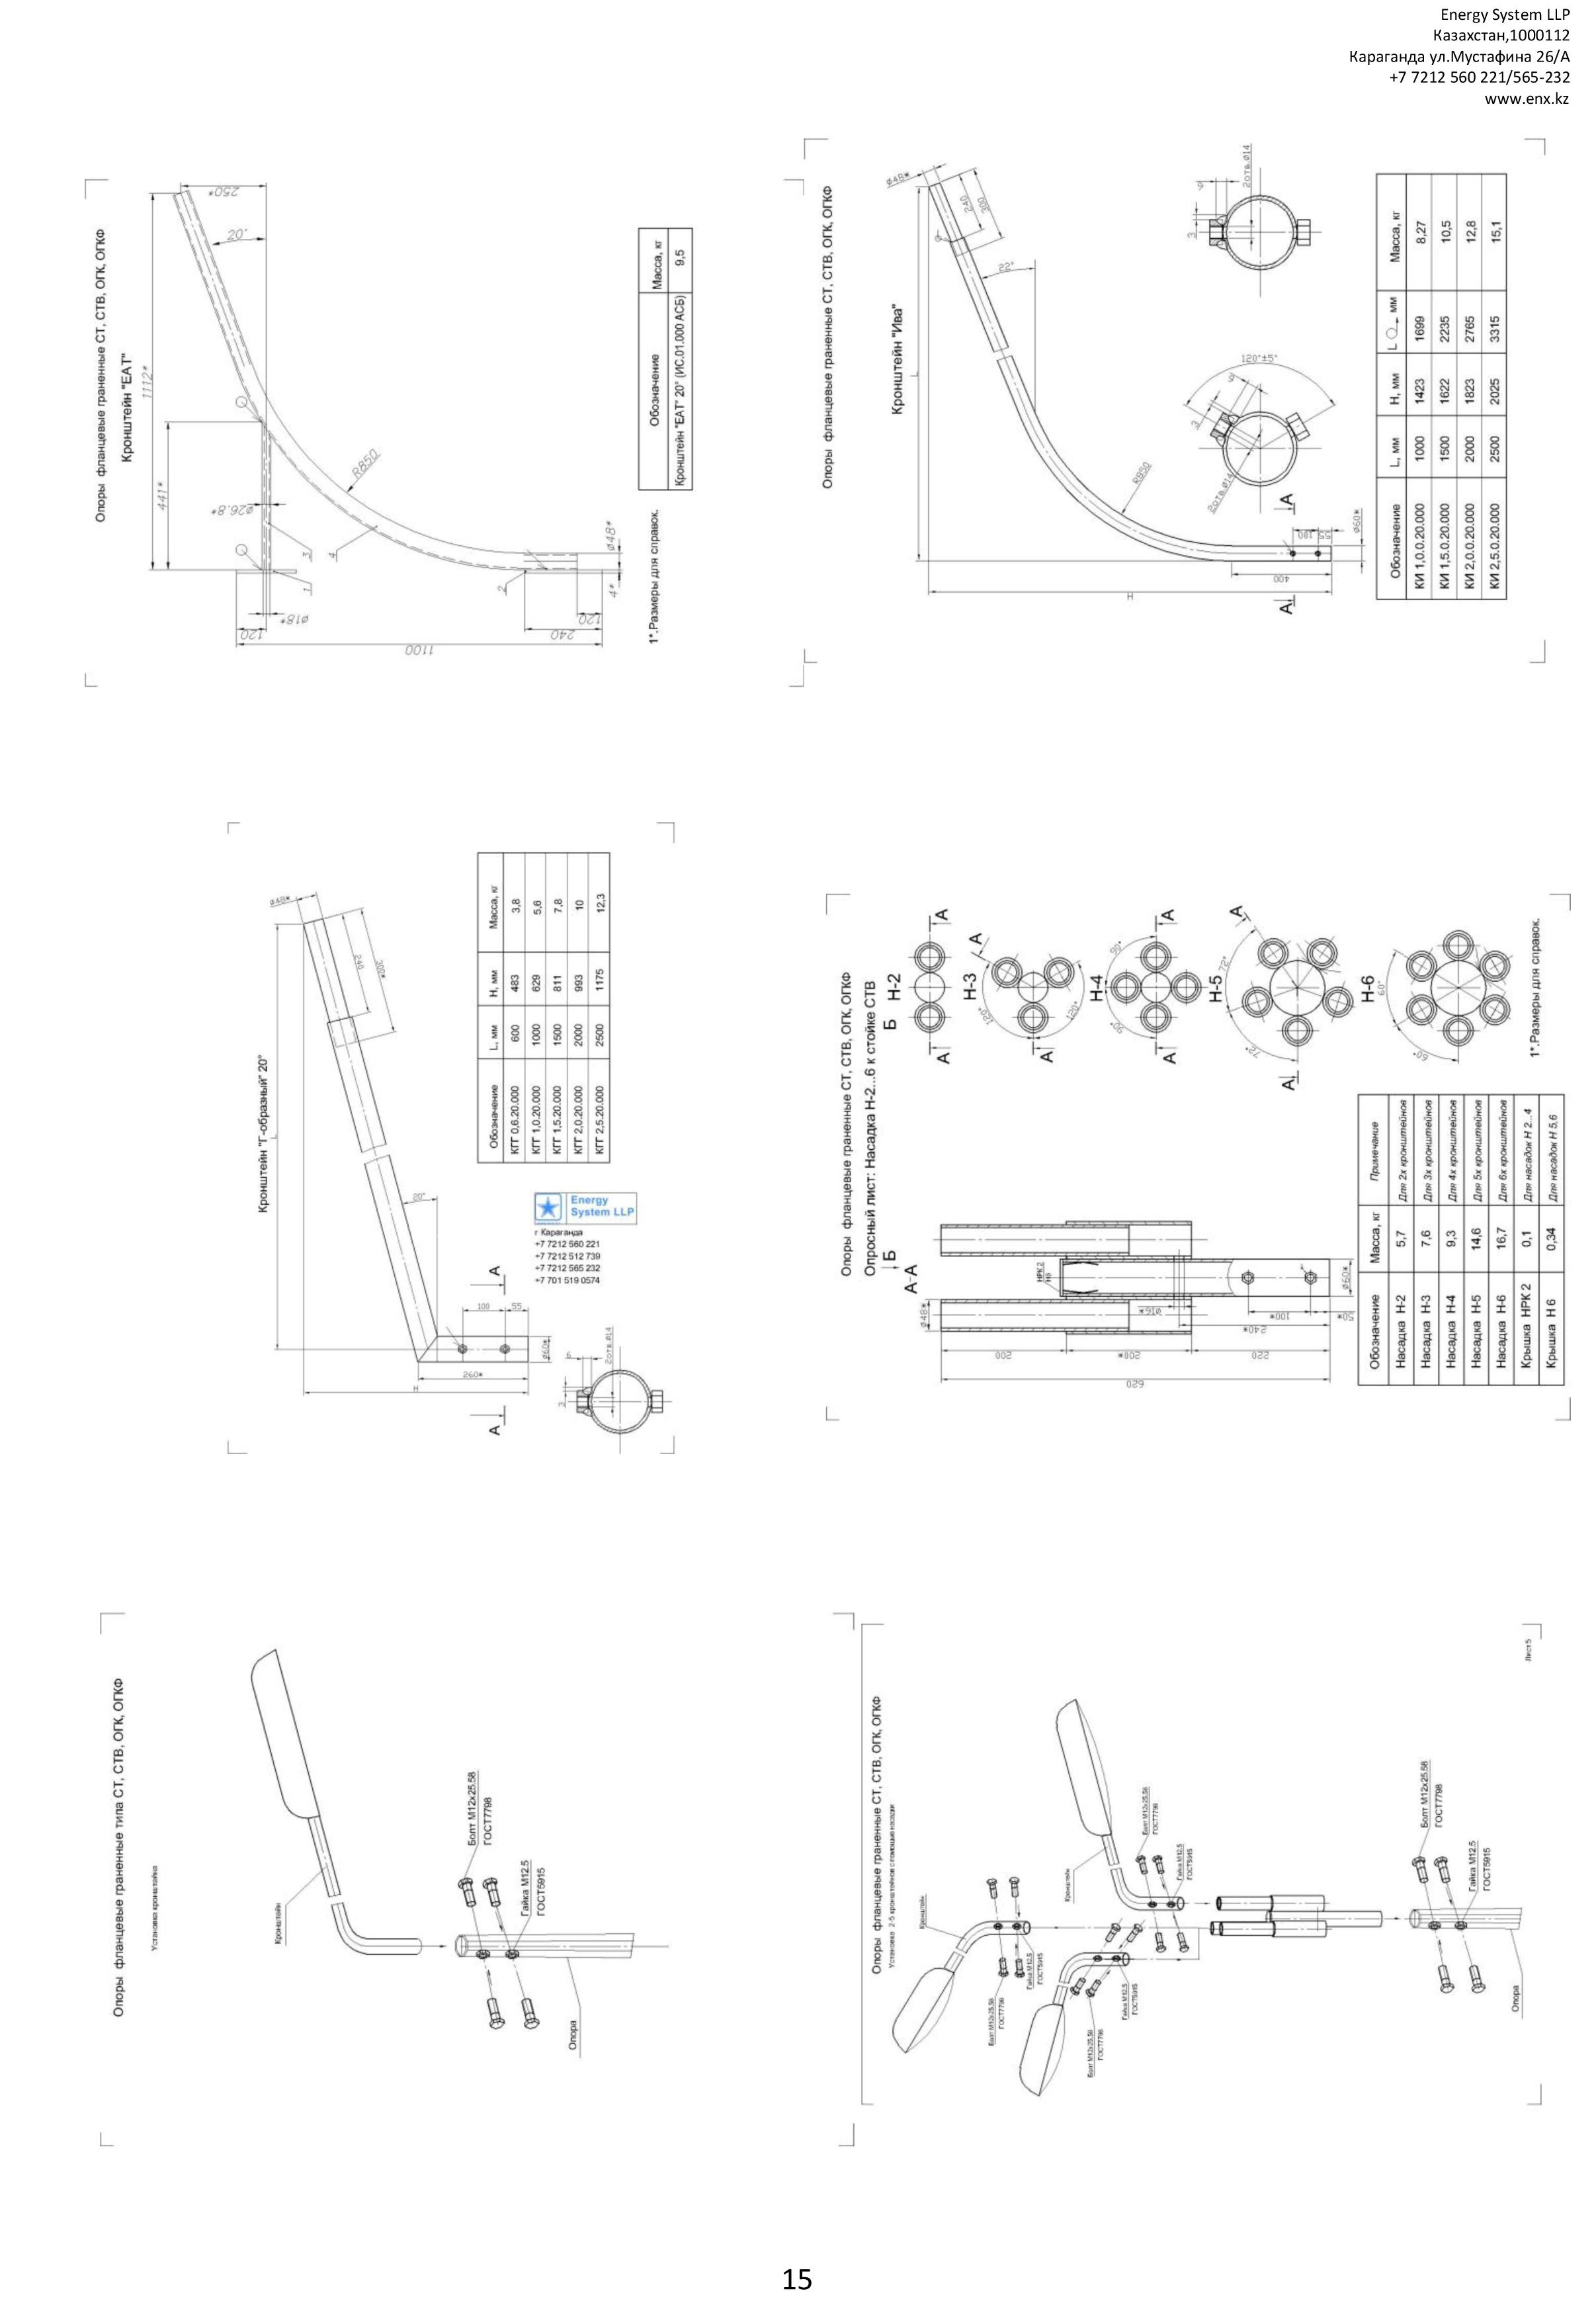 Обзорный каталог System LLP-15.jpg